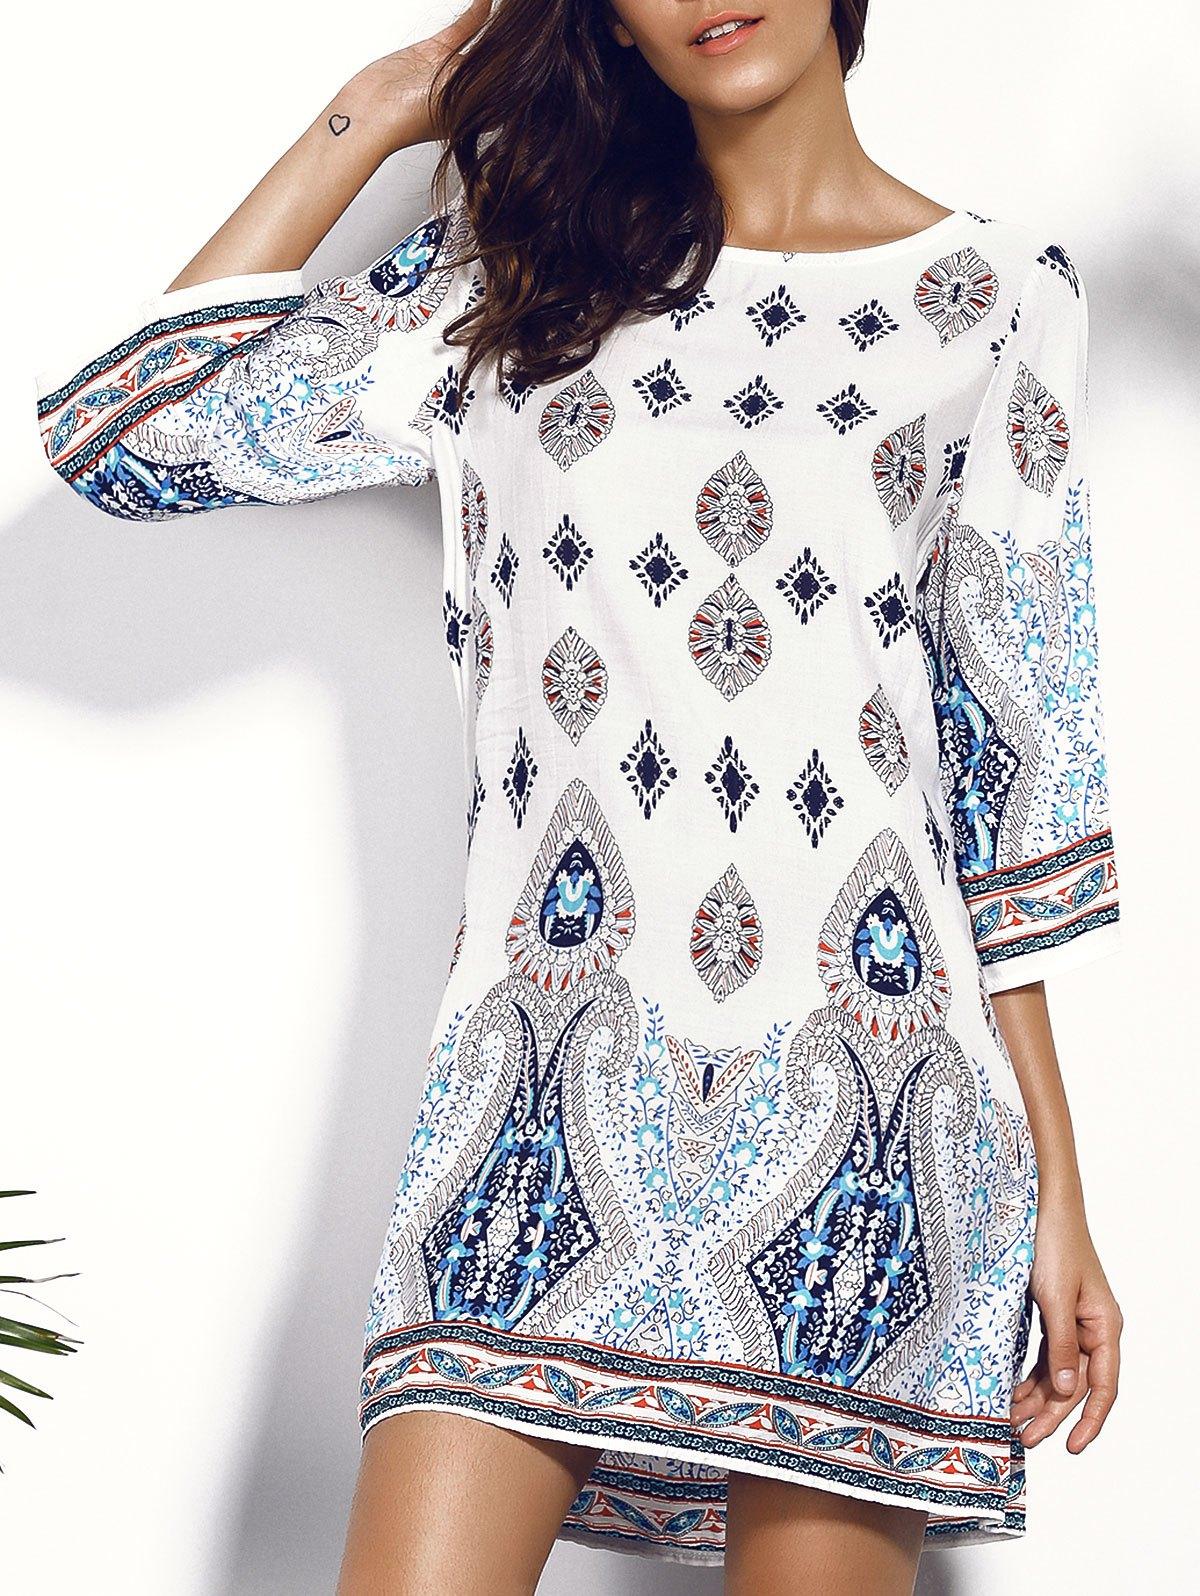 casual dress printed chiffon backless casual shift dress - colormix m image 1 ... UXHPYOP